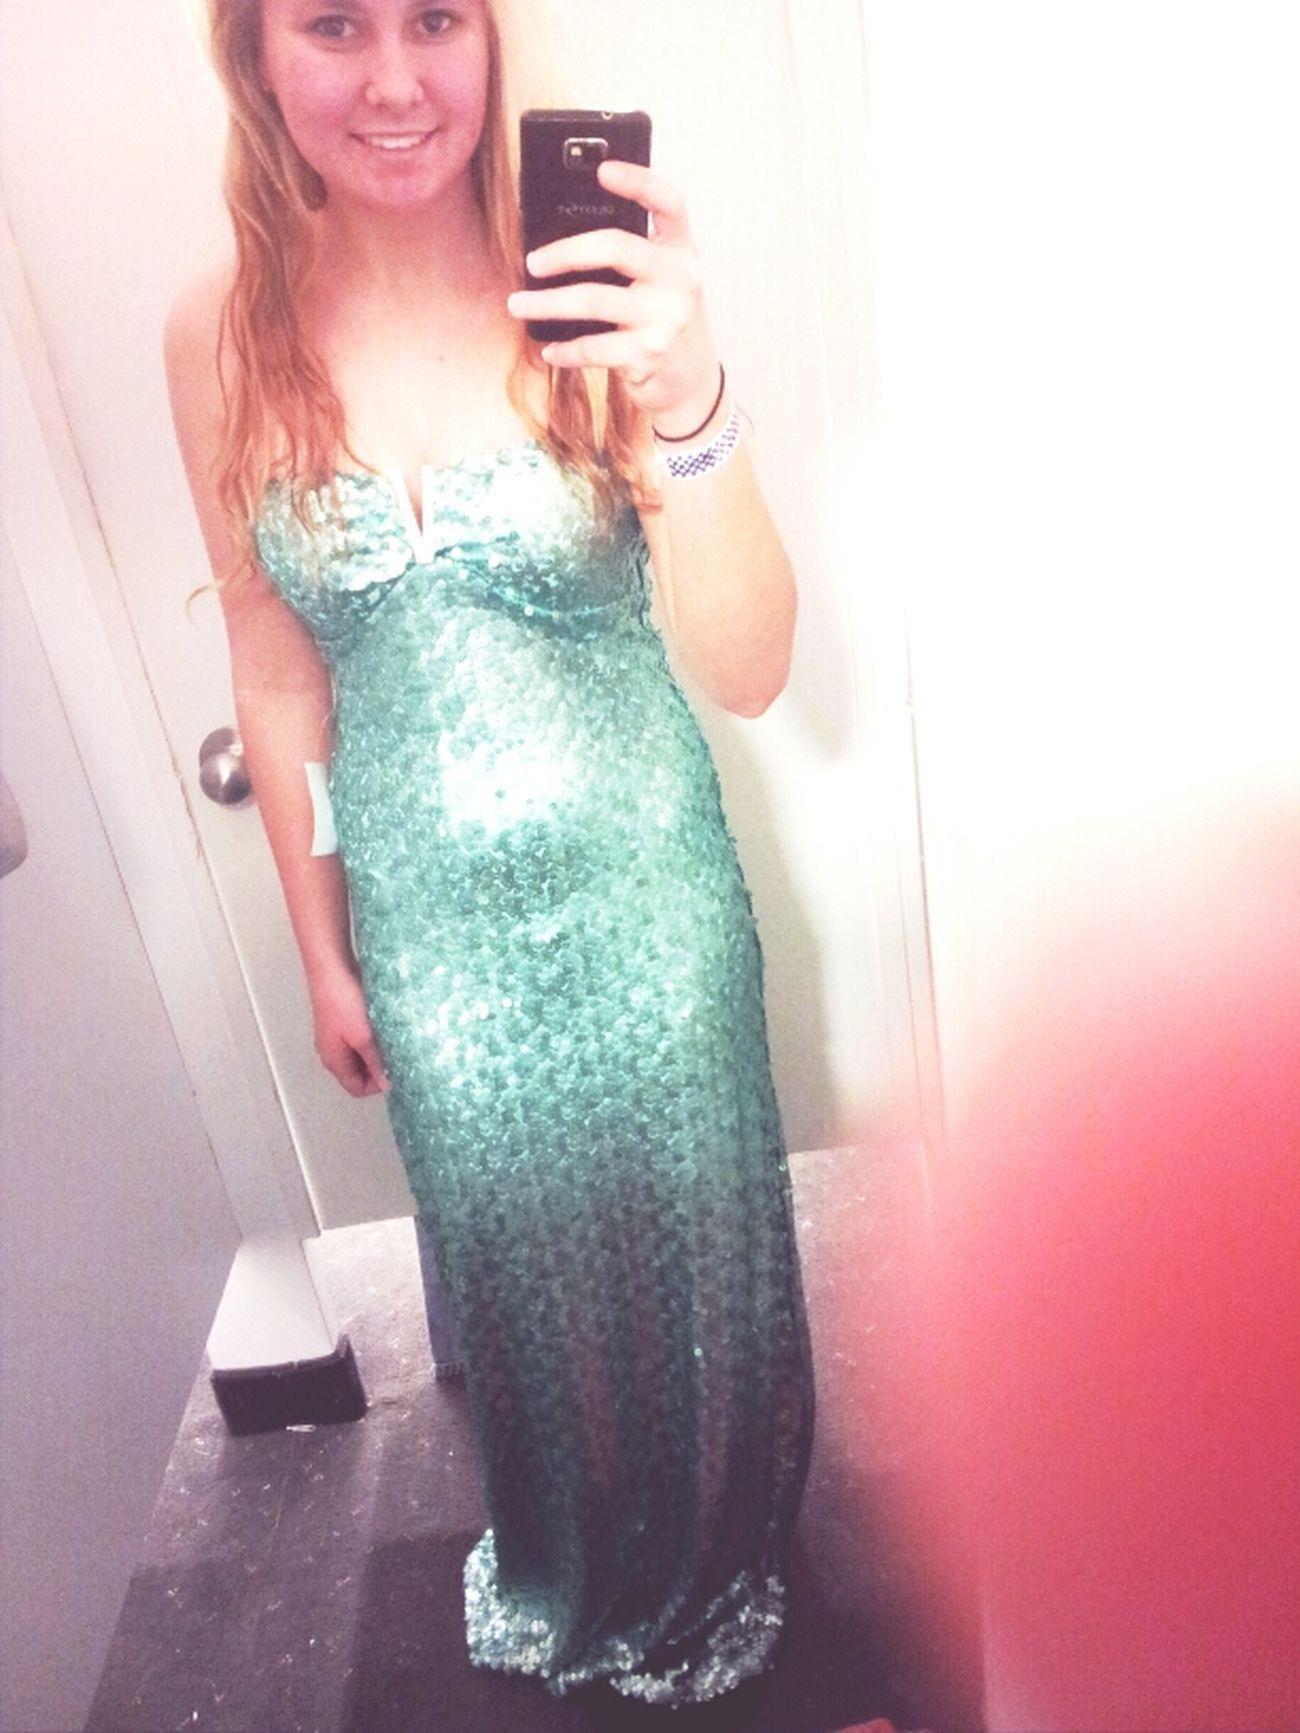 totes felt like a mermaid